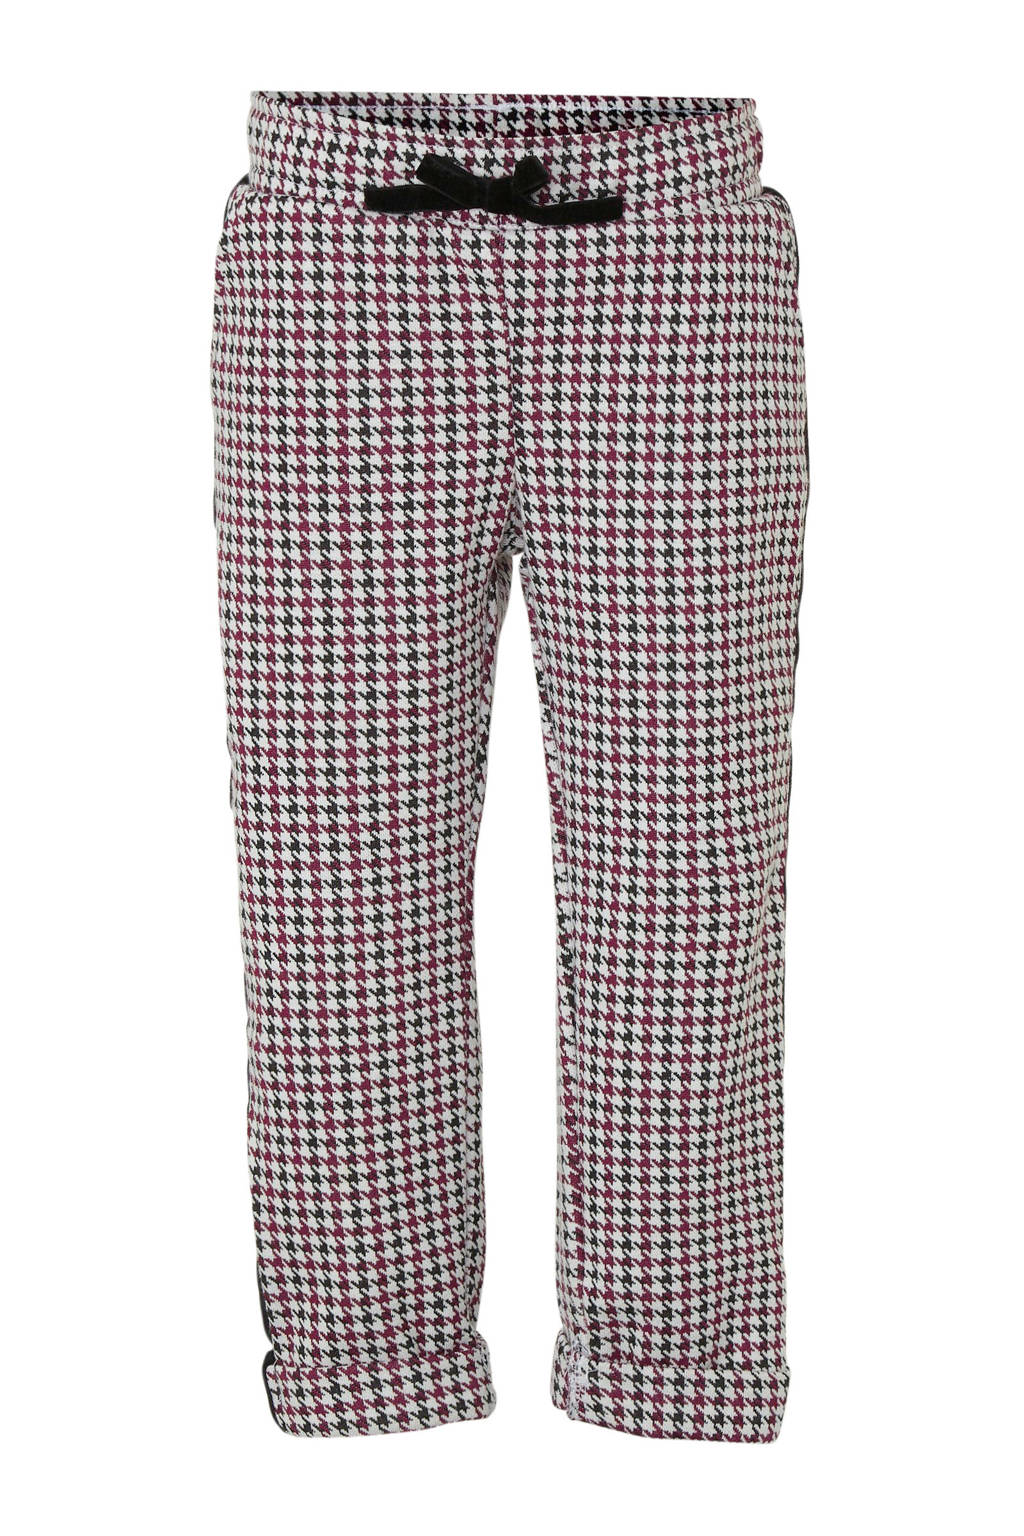 C&A Palomino broek met zijstreep wit/zwart/rood, Wit/zwart/rood